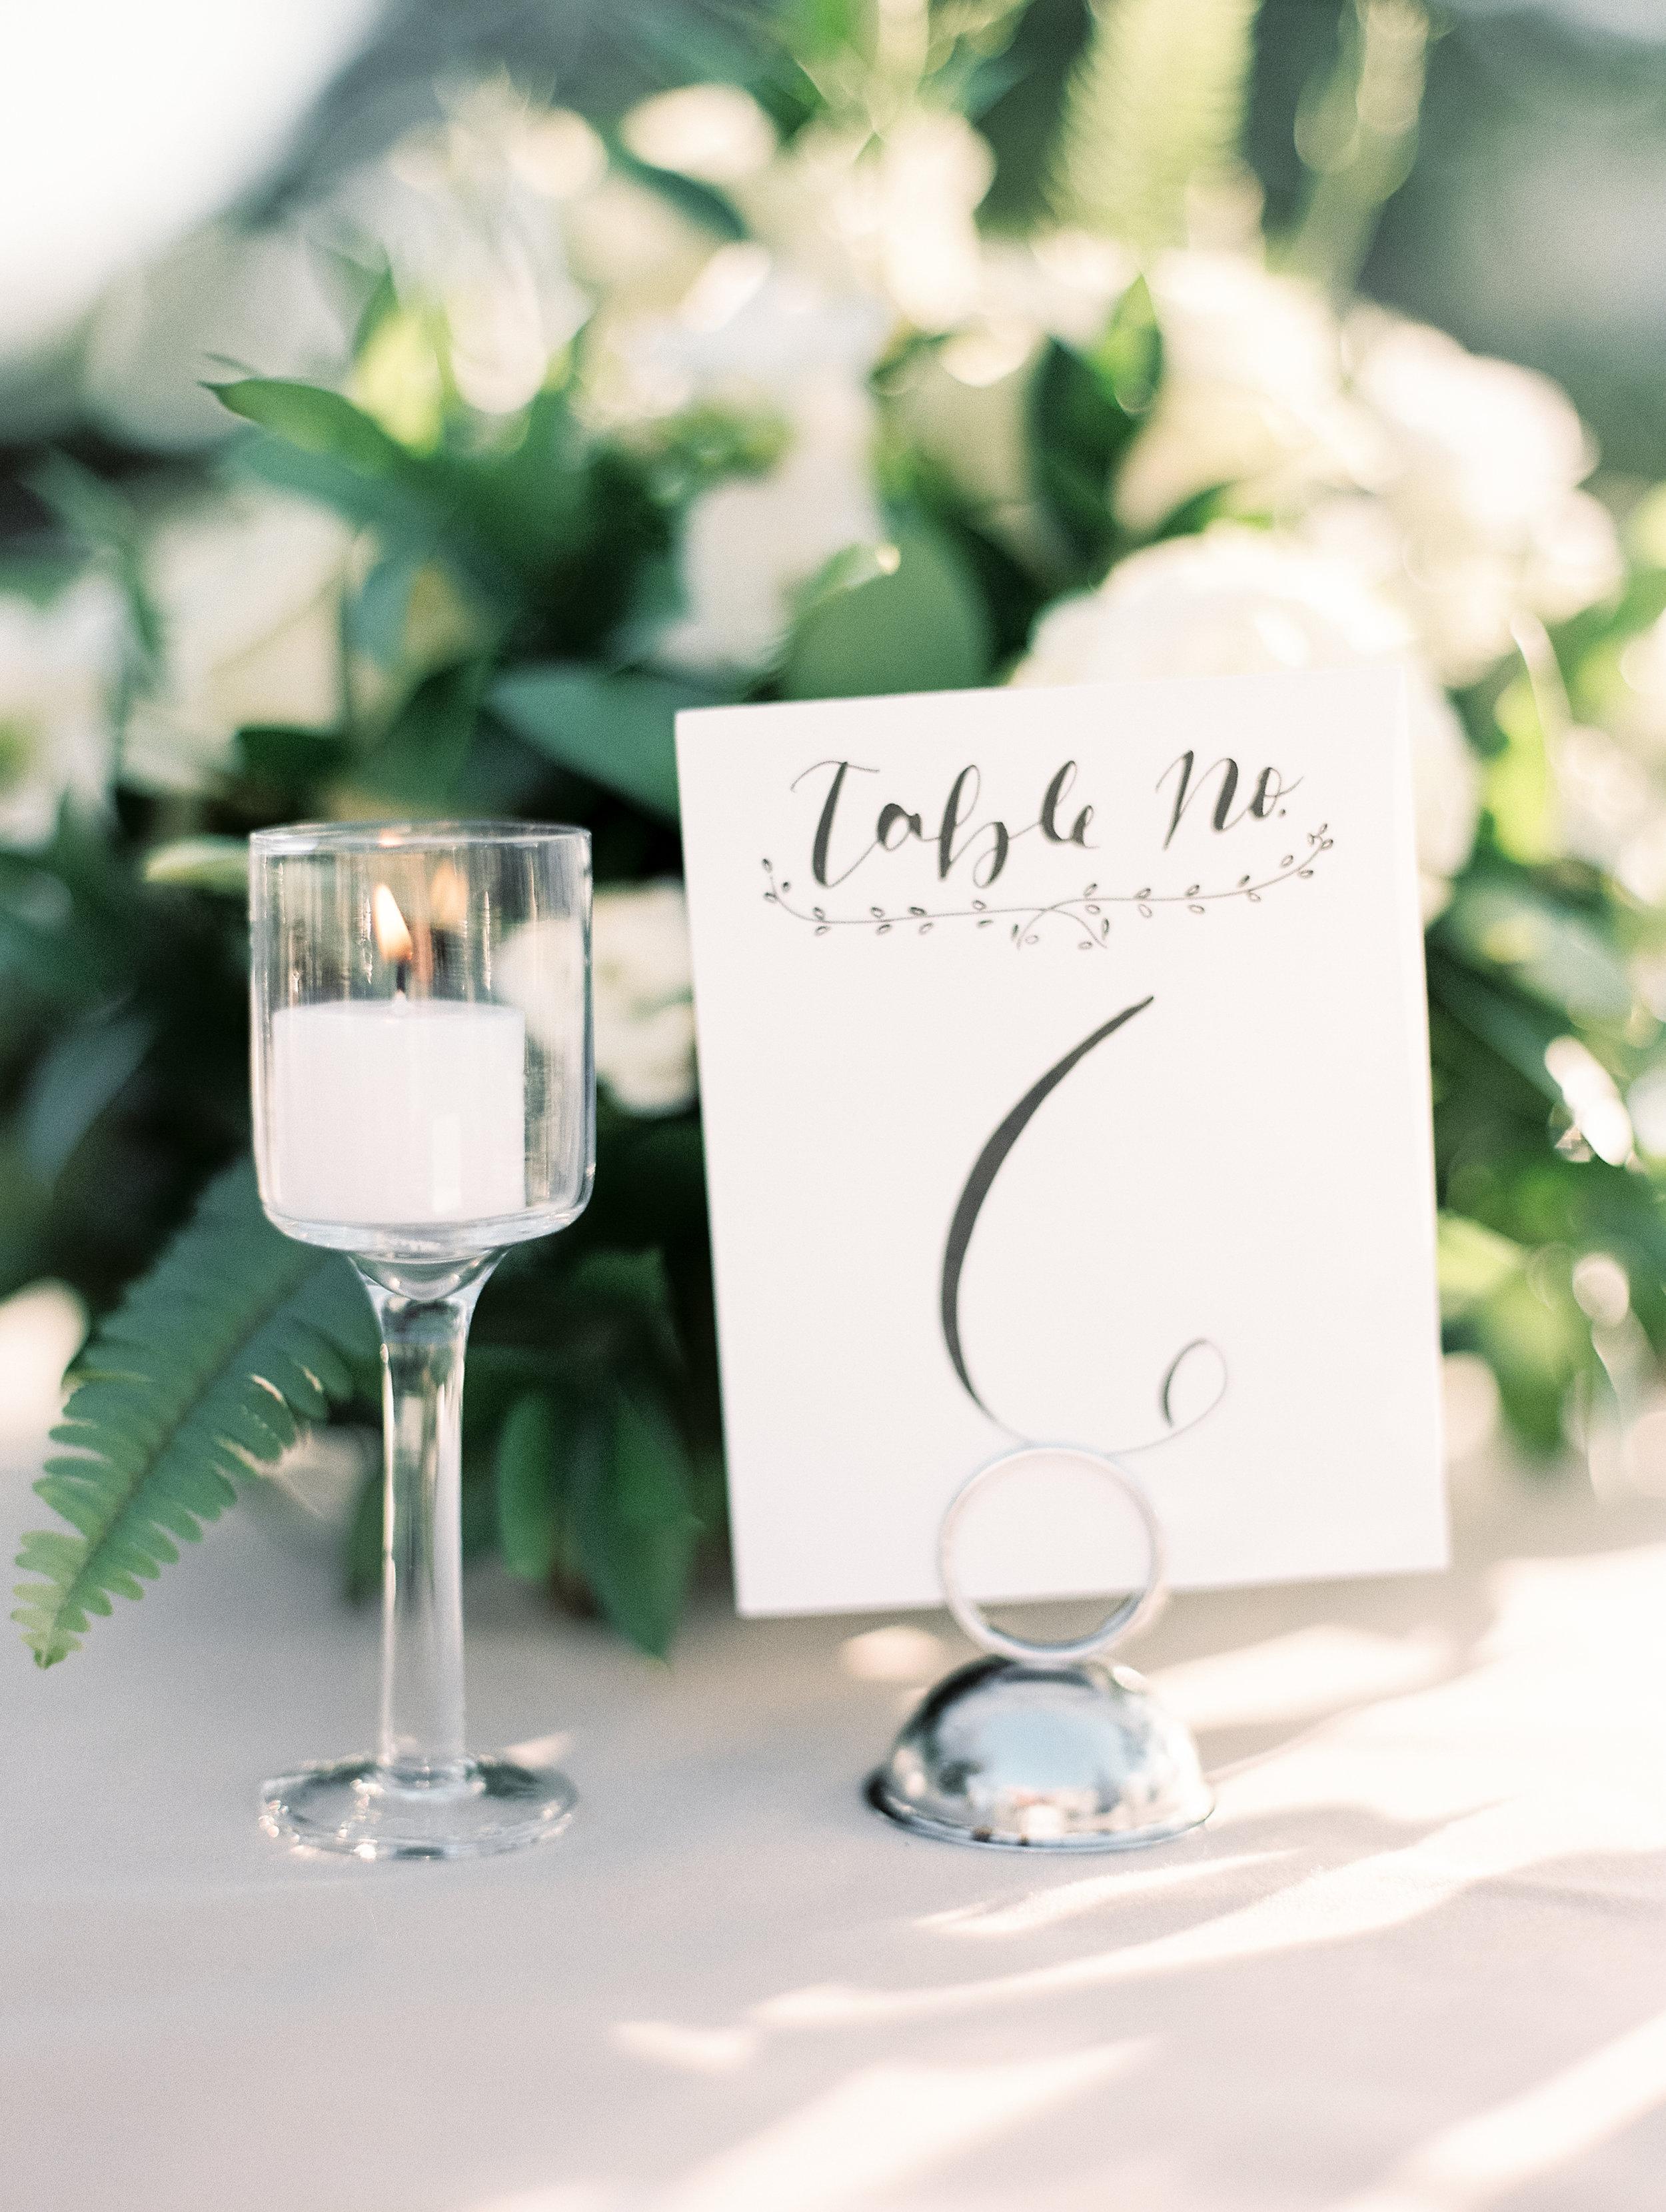 www.santabarbarawedding.com   El Presidio   Santa Barbara Club   Taralynn Lawton   Table Number